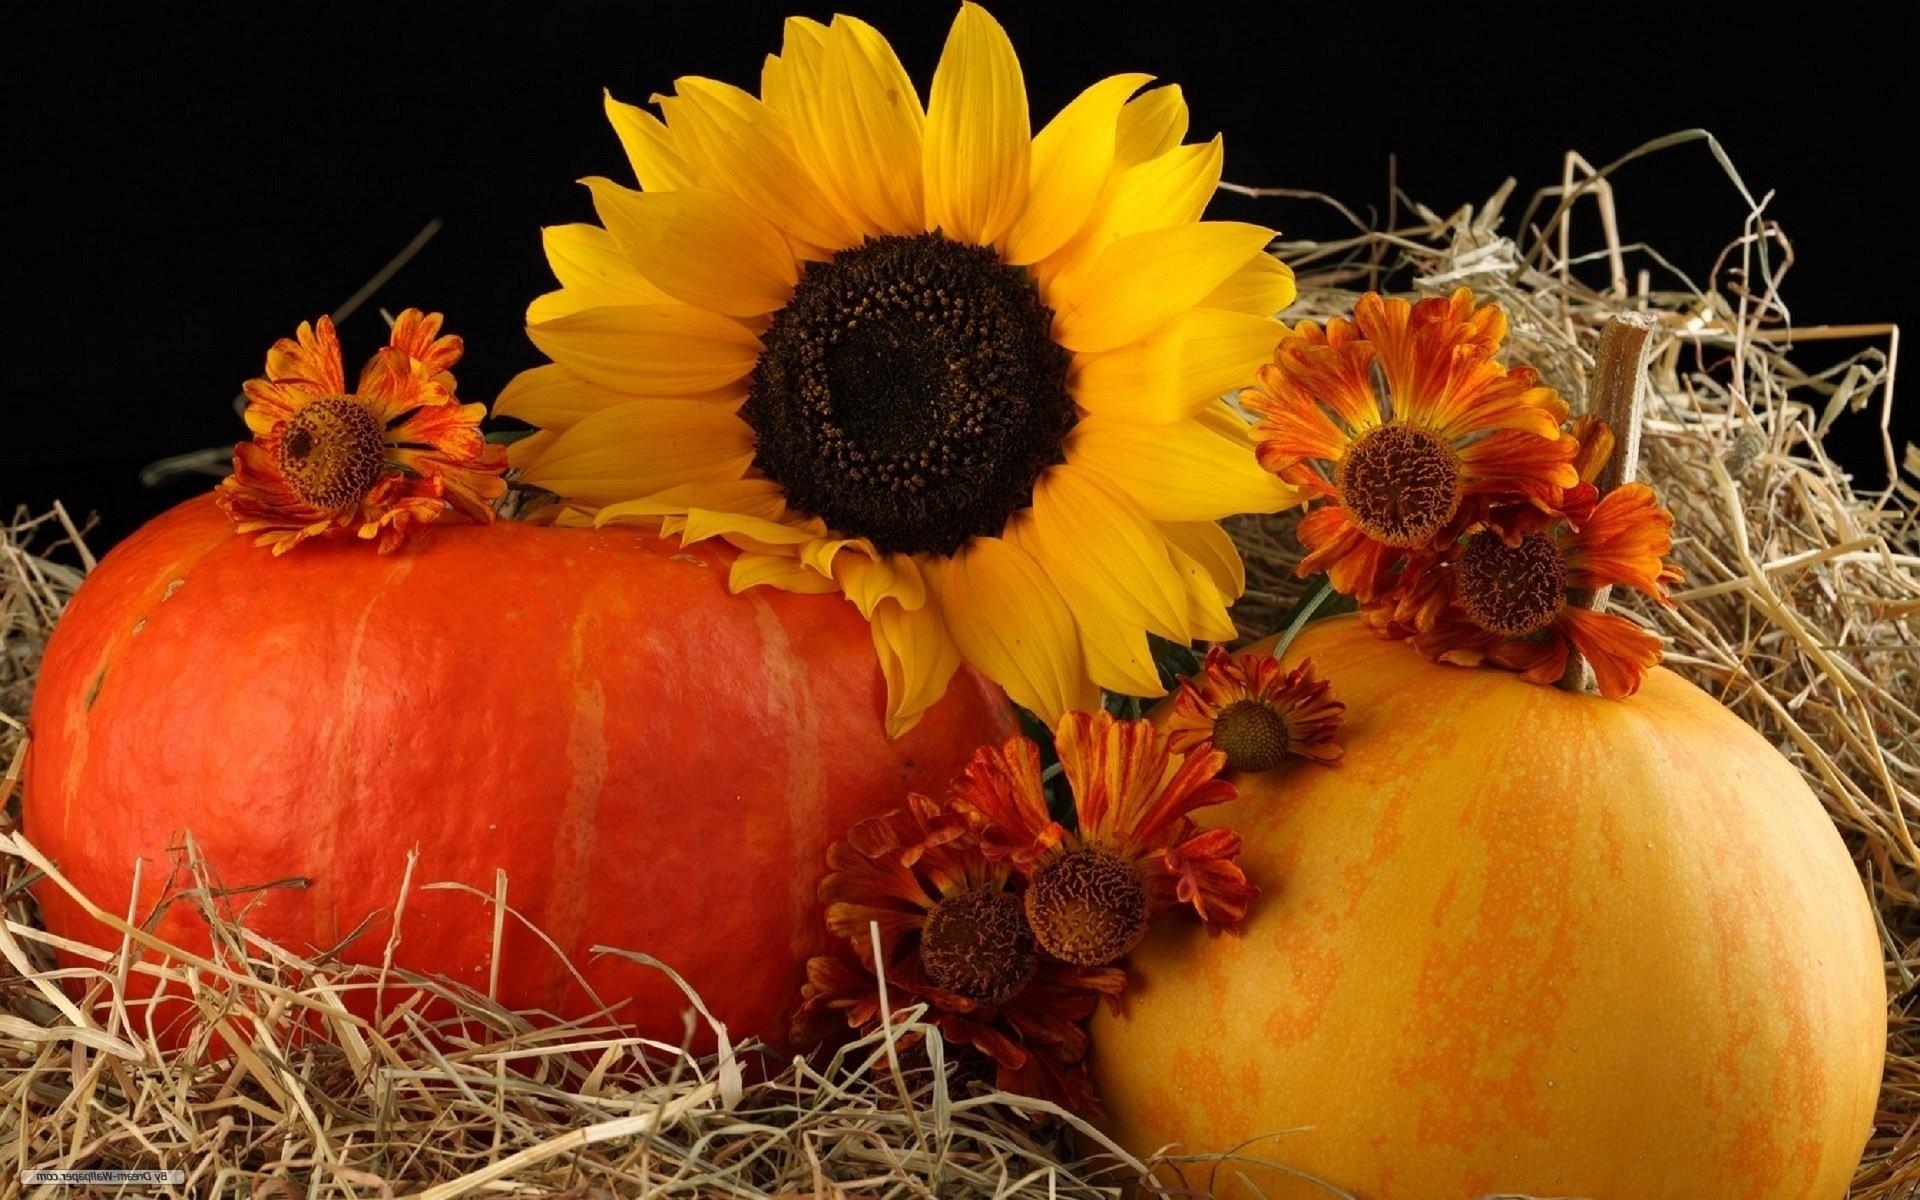 autumn pumpkin wallpaper 47 images